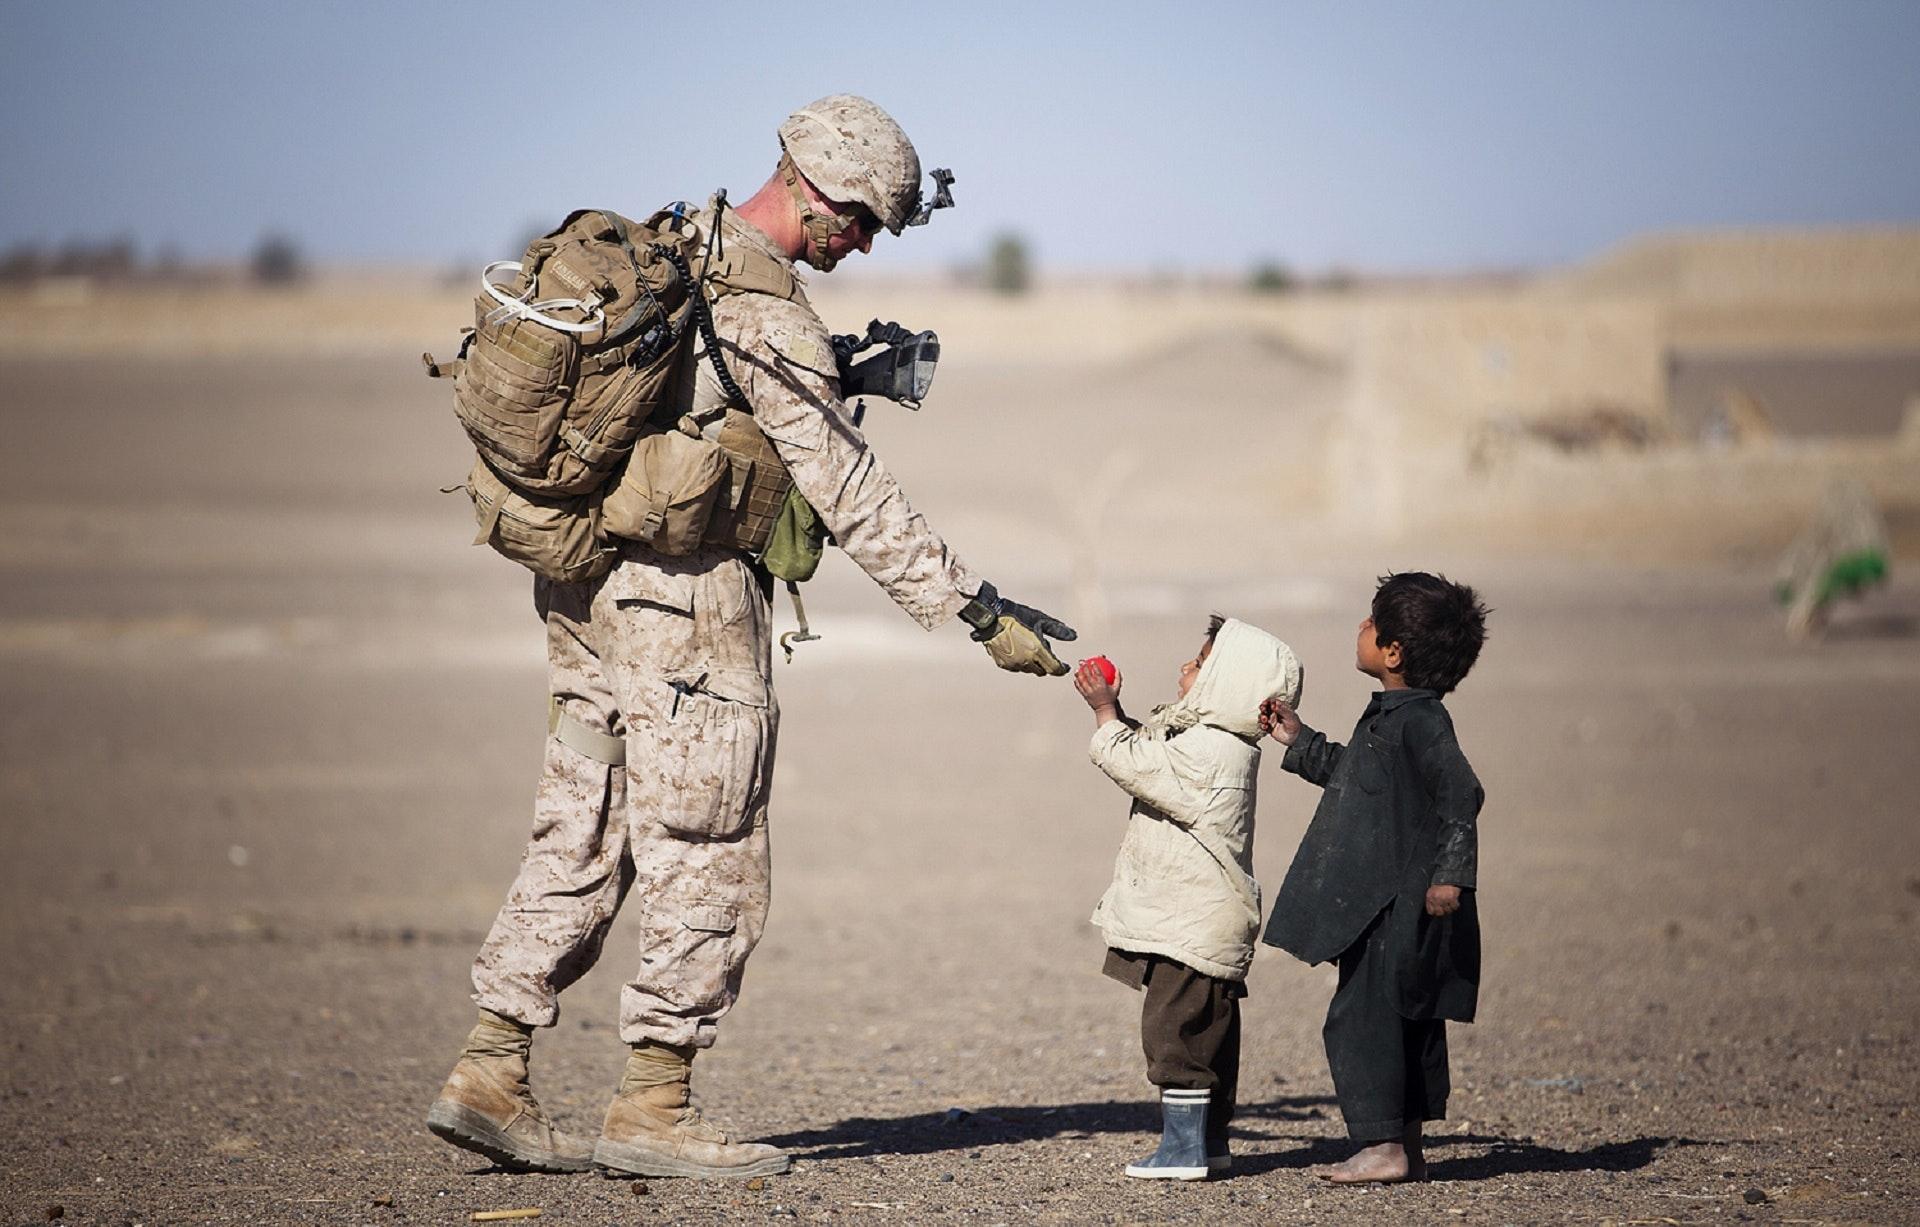 Soldier Giving Red Fruit on 2 Children during Daytime, Children, Desert, Friends, Help, HQ Photo